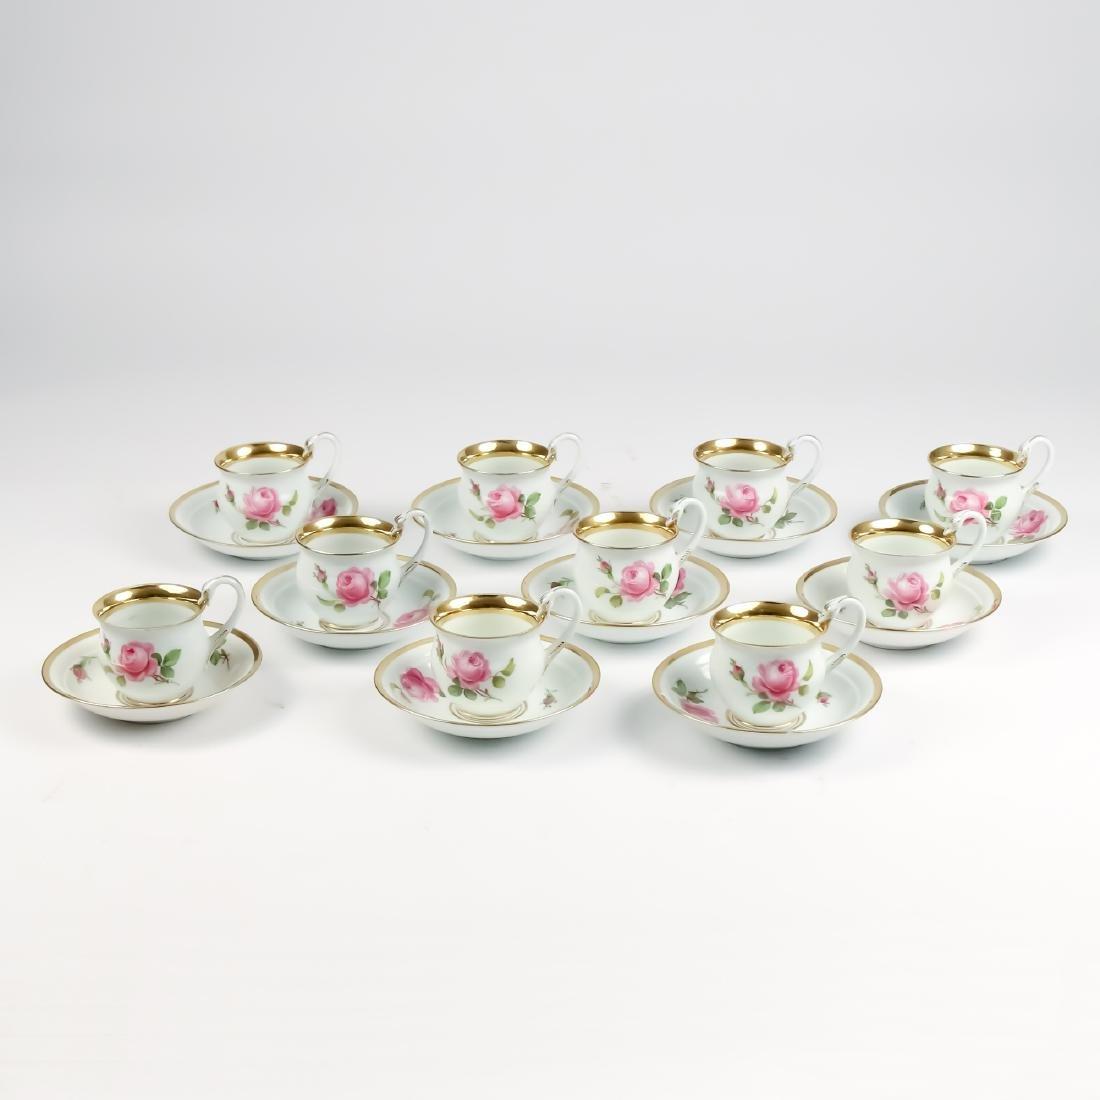 (20pc) MEISSEN TEA CUPS & SAUCERS